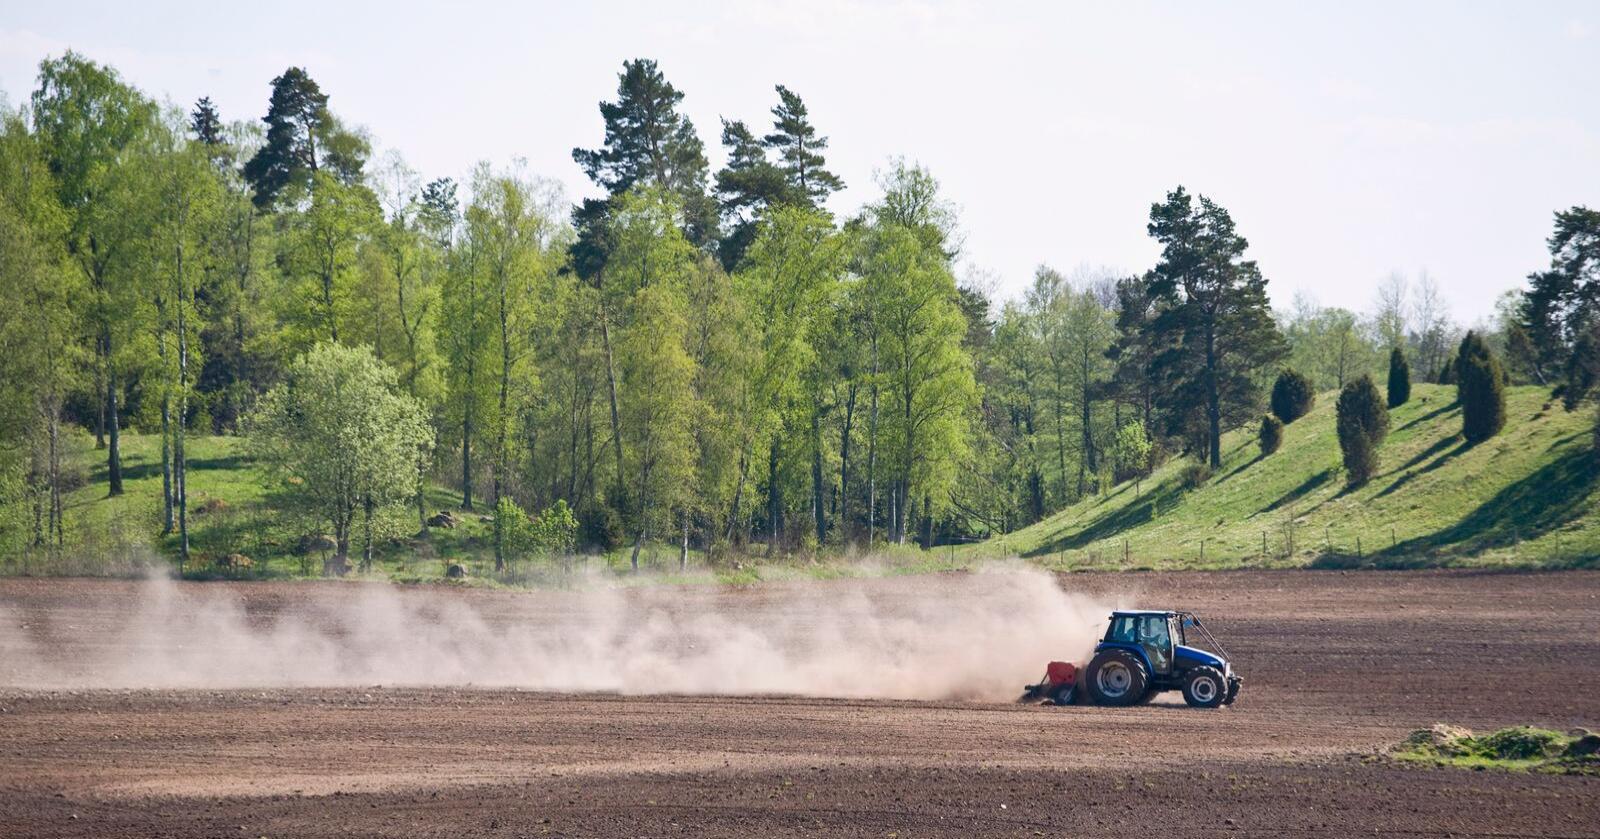 Så mye mer: Gården er en kulturbærer som rommer så mye mer enn et næringsbygg og areal, skriver Høyres landbruksnettverk. Foto: Mostphotos